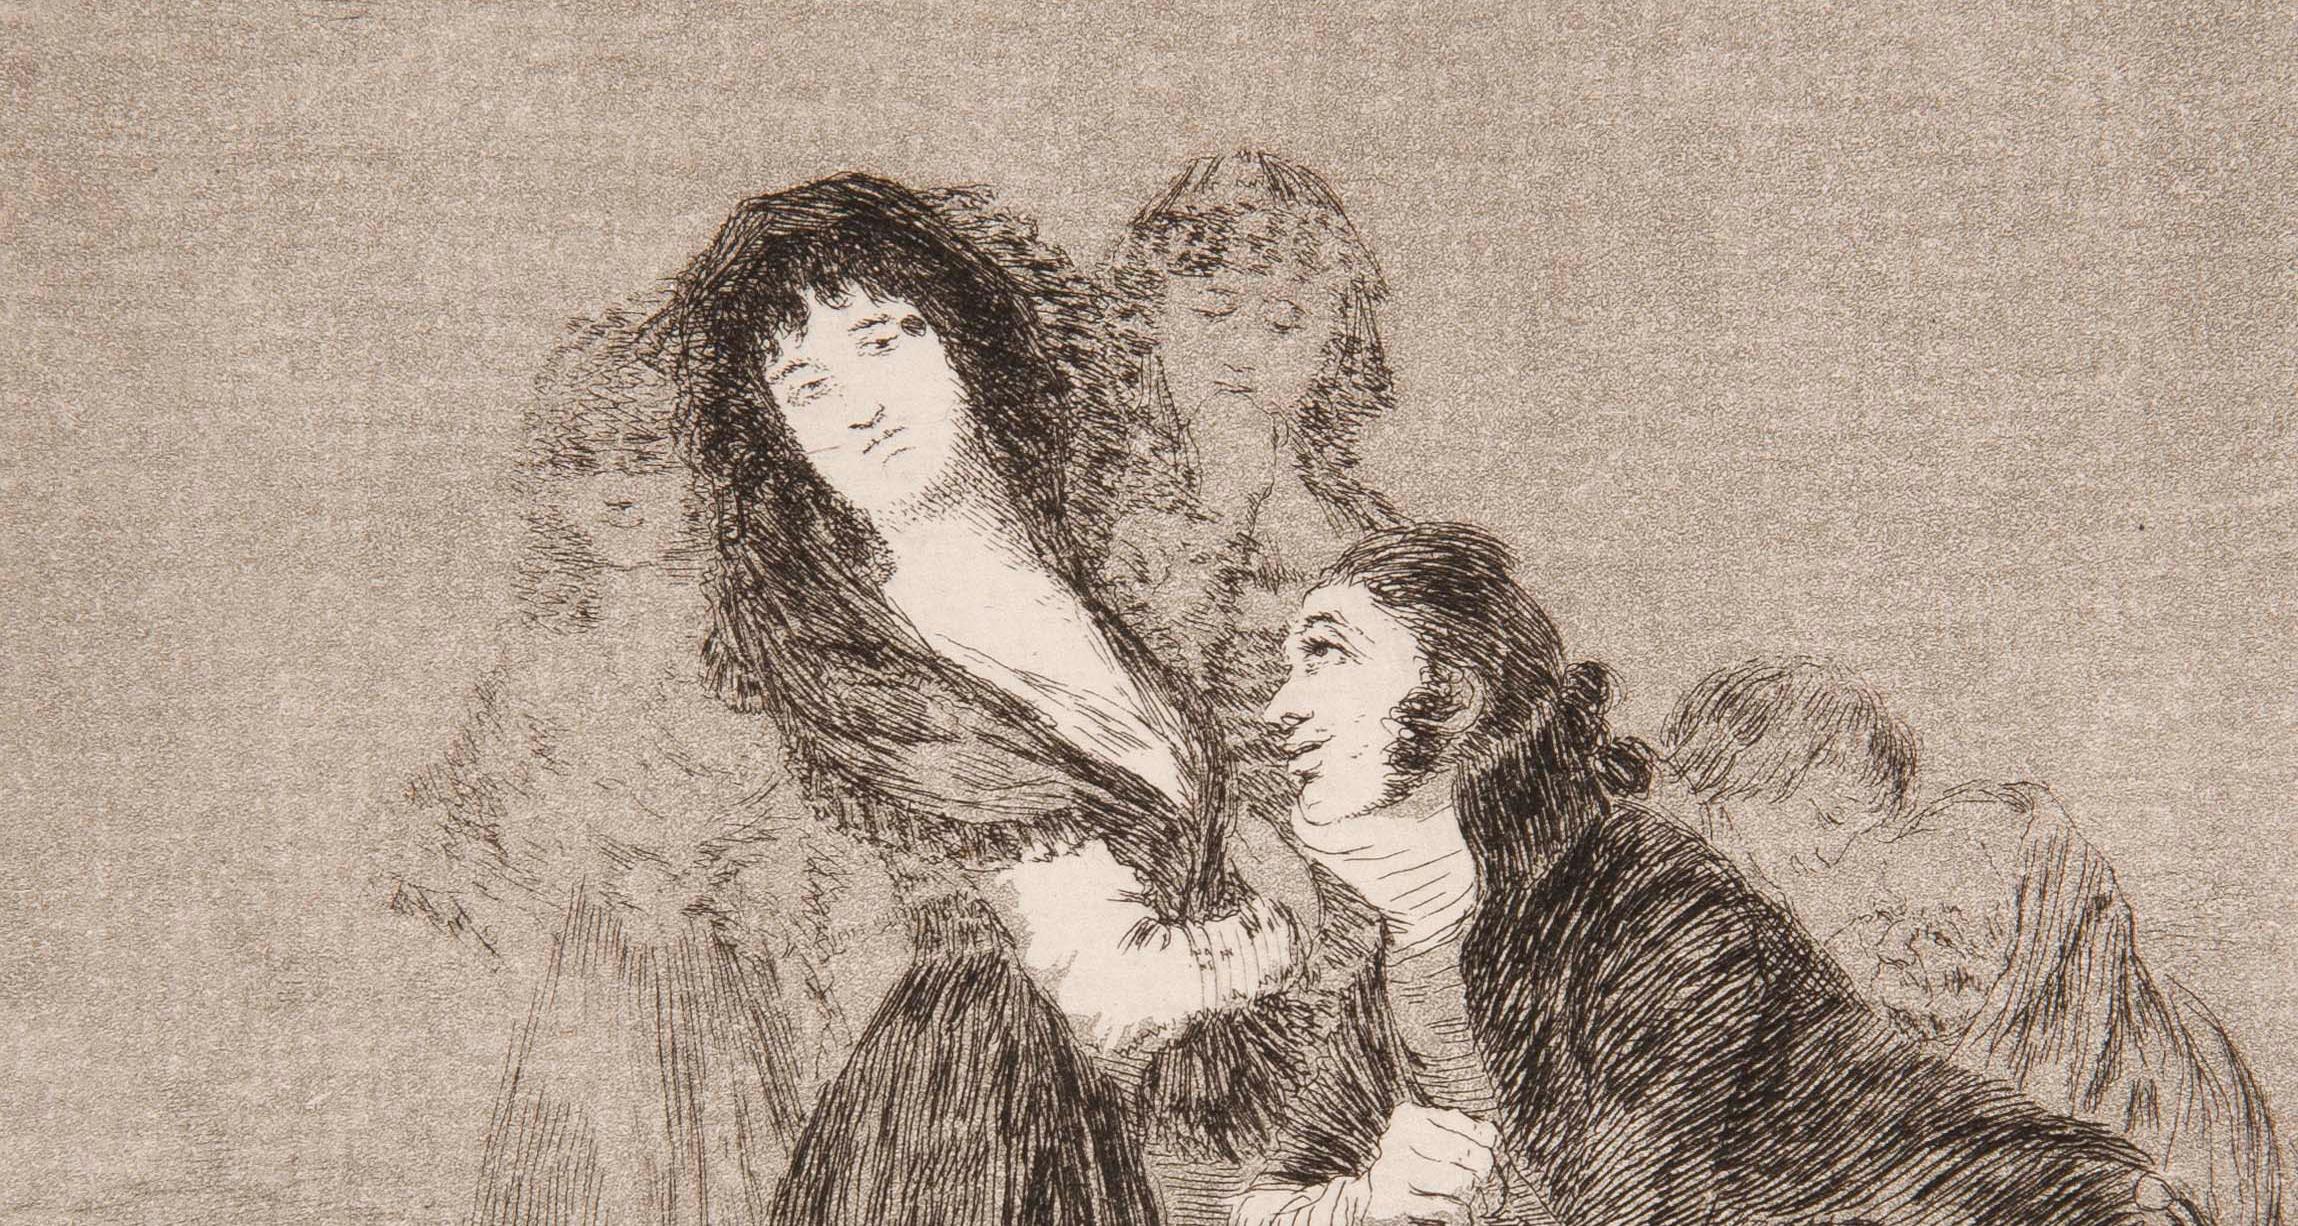 Goya Digital Resources